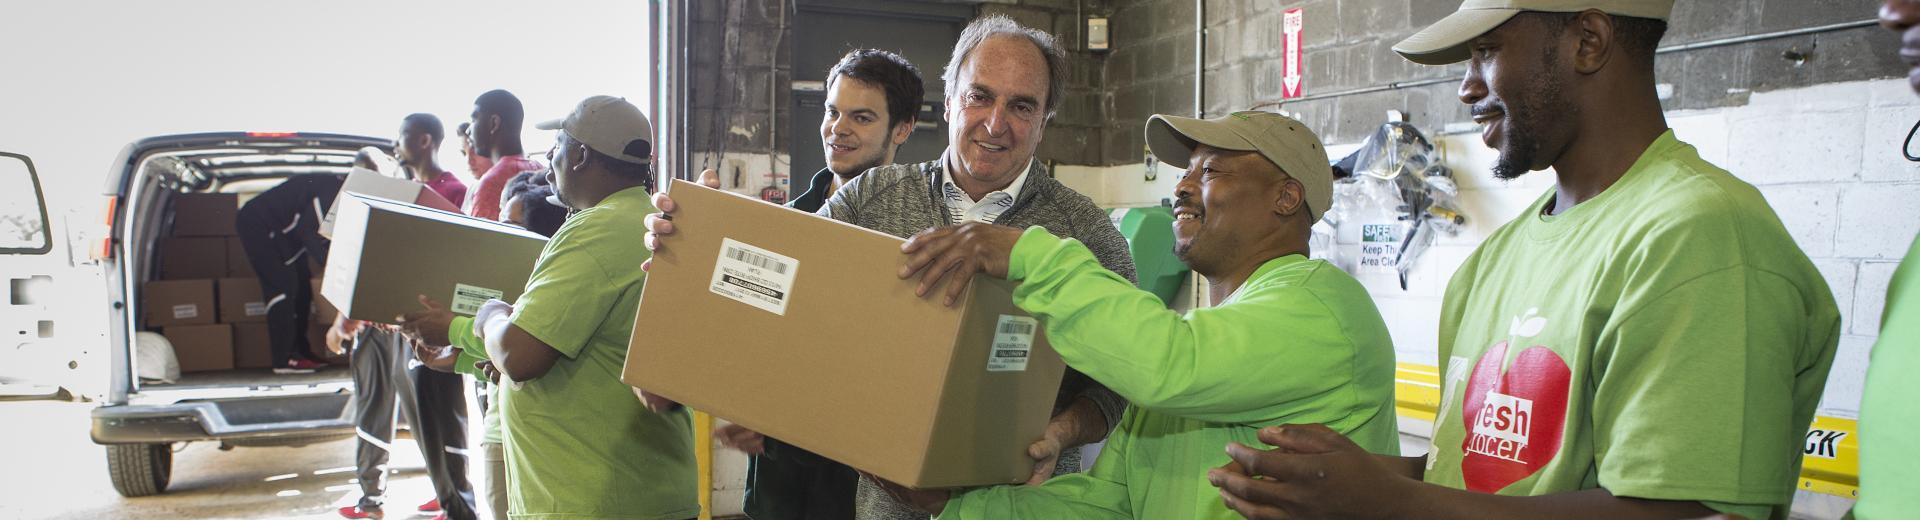 Volunteers unload donations.